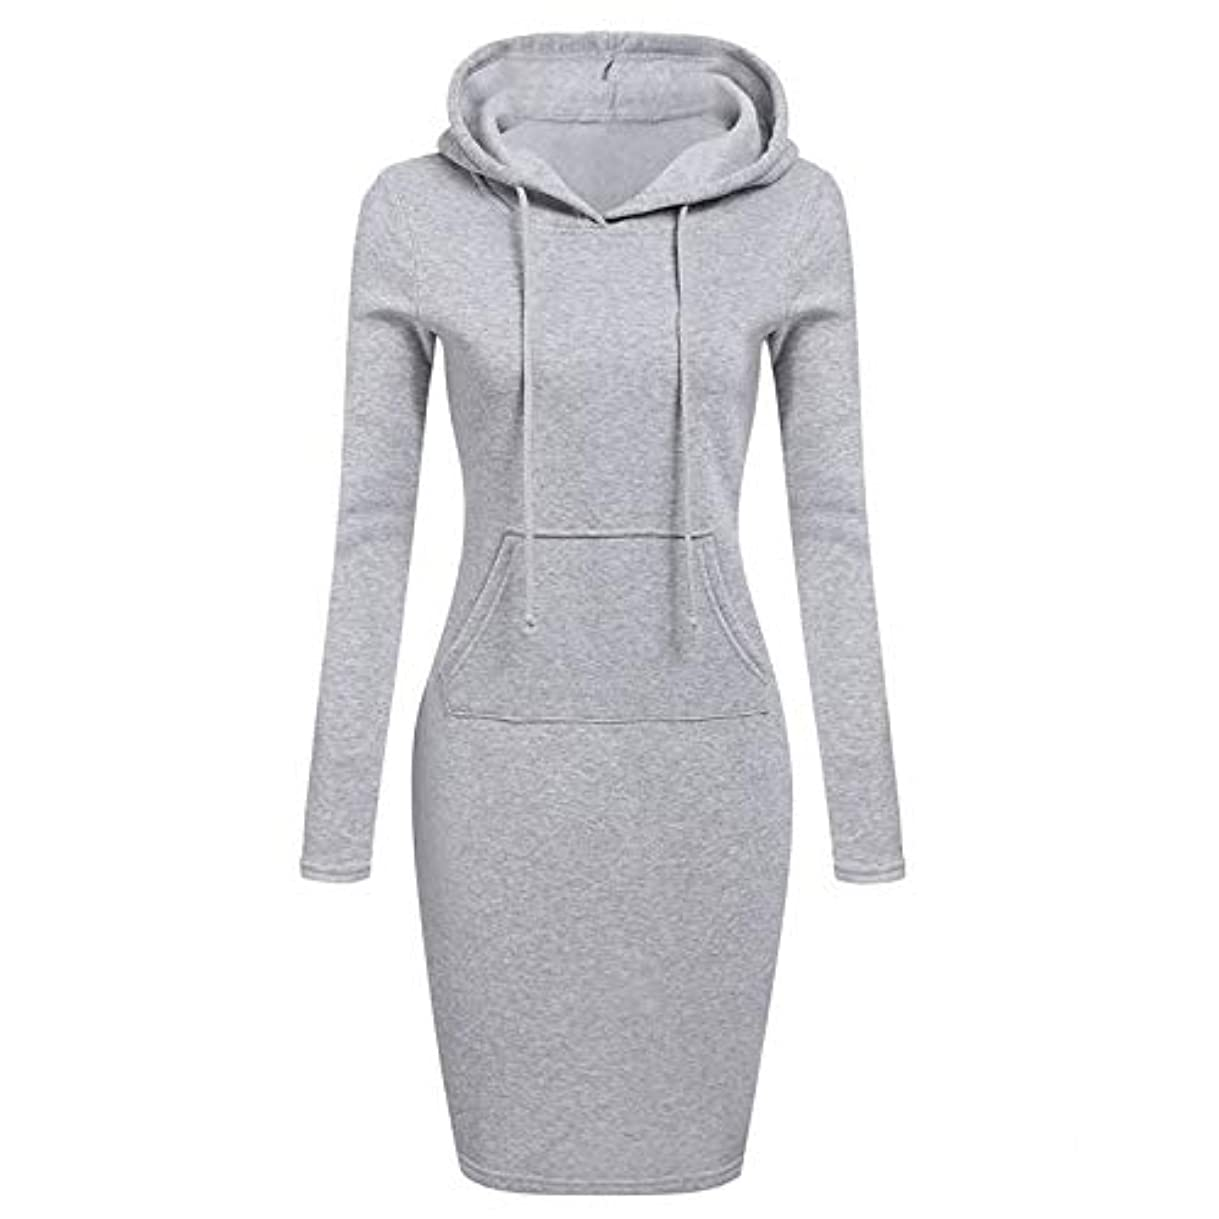 除外する応答素敵なOnderroa - ファッションフード付き巾着フリースの女性のドレス秋冬はドレス女性Vestidosパーカースウェットシャツドレスを温めます